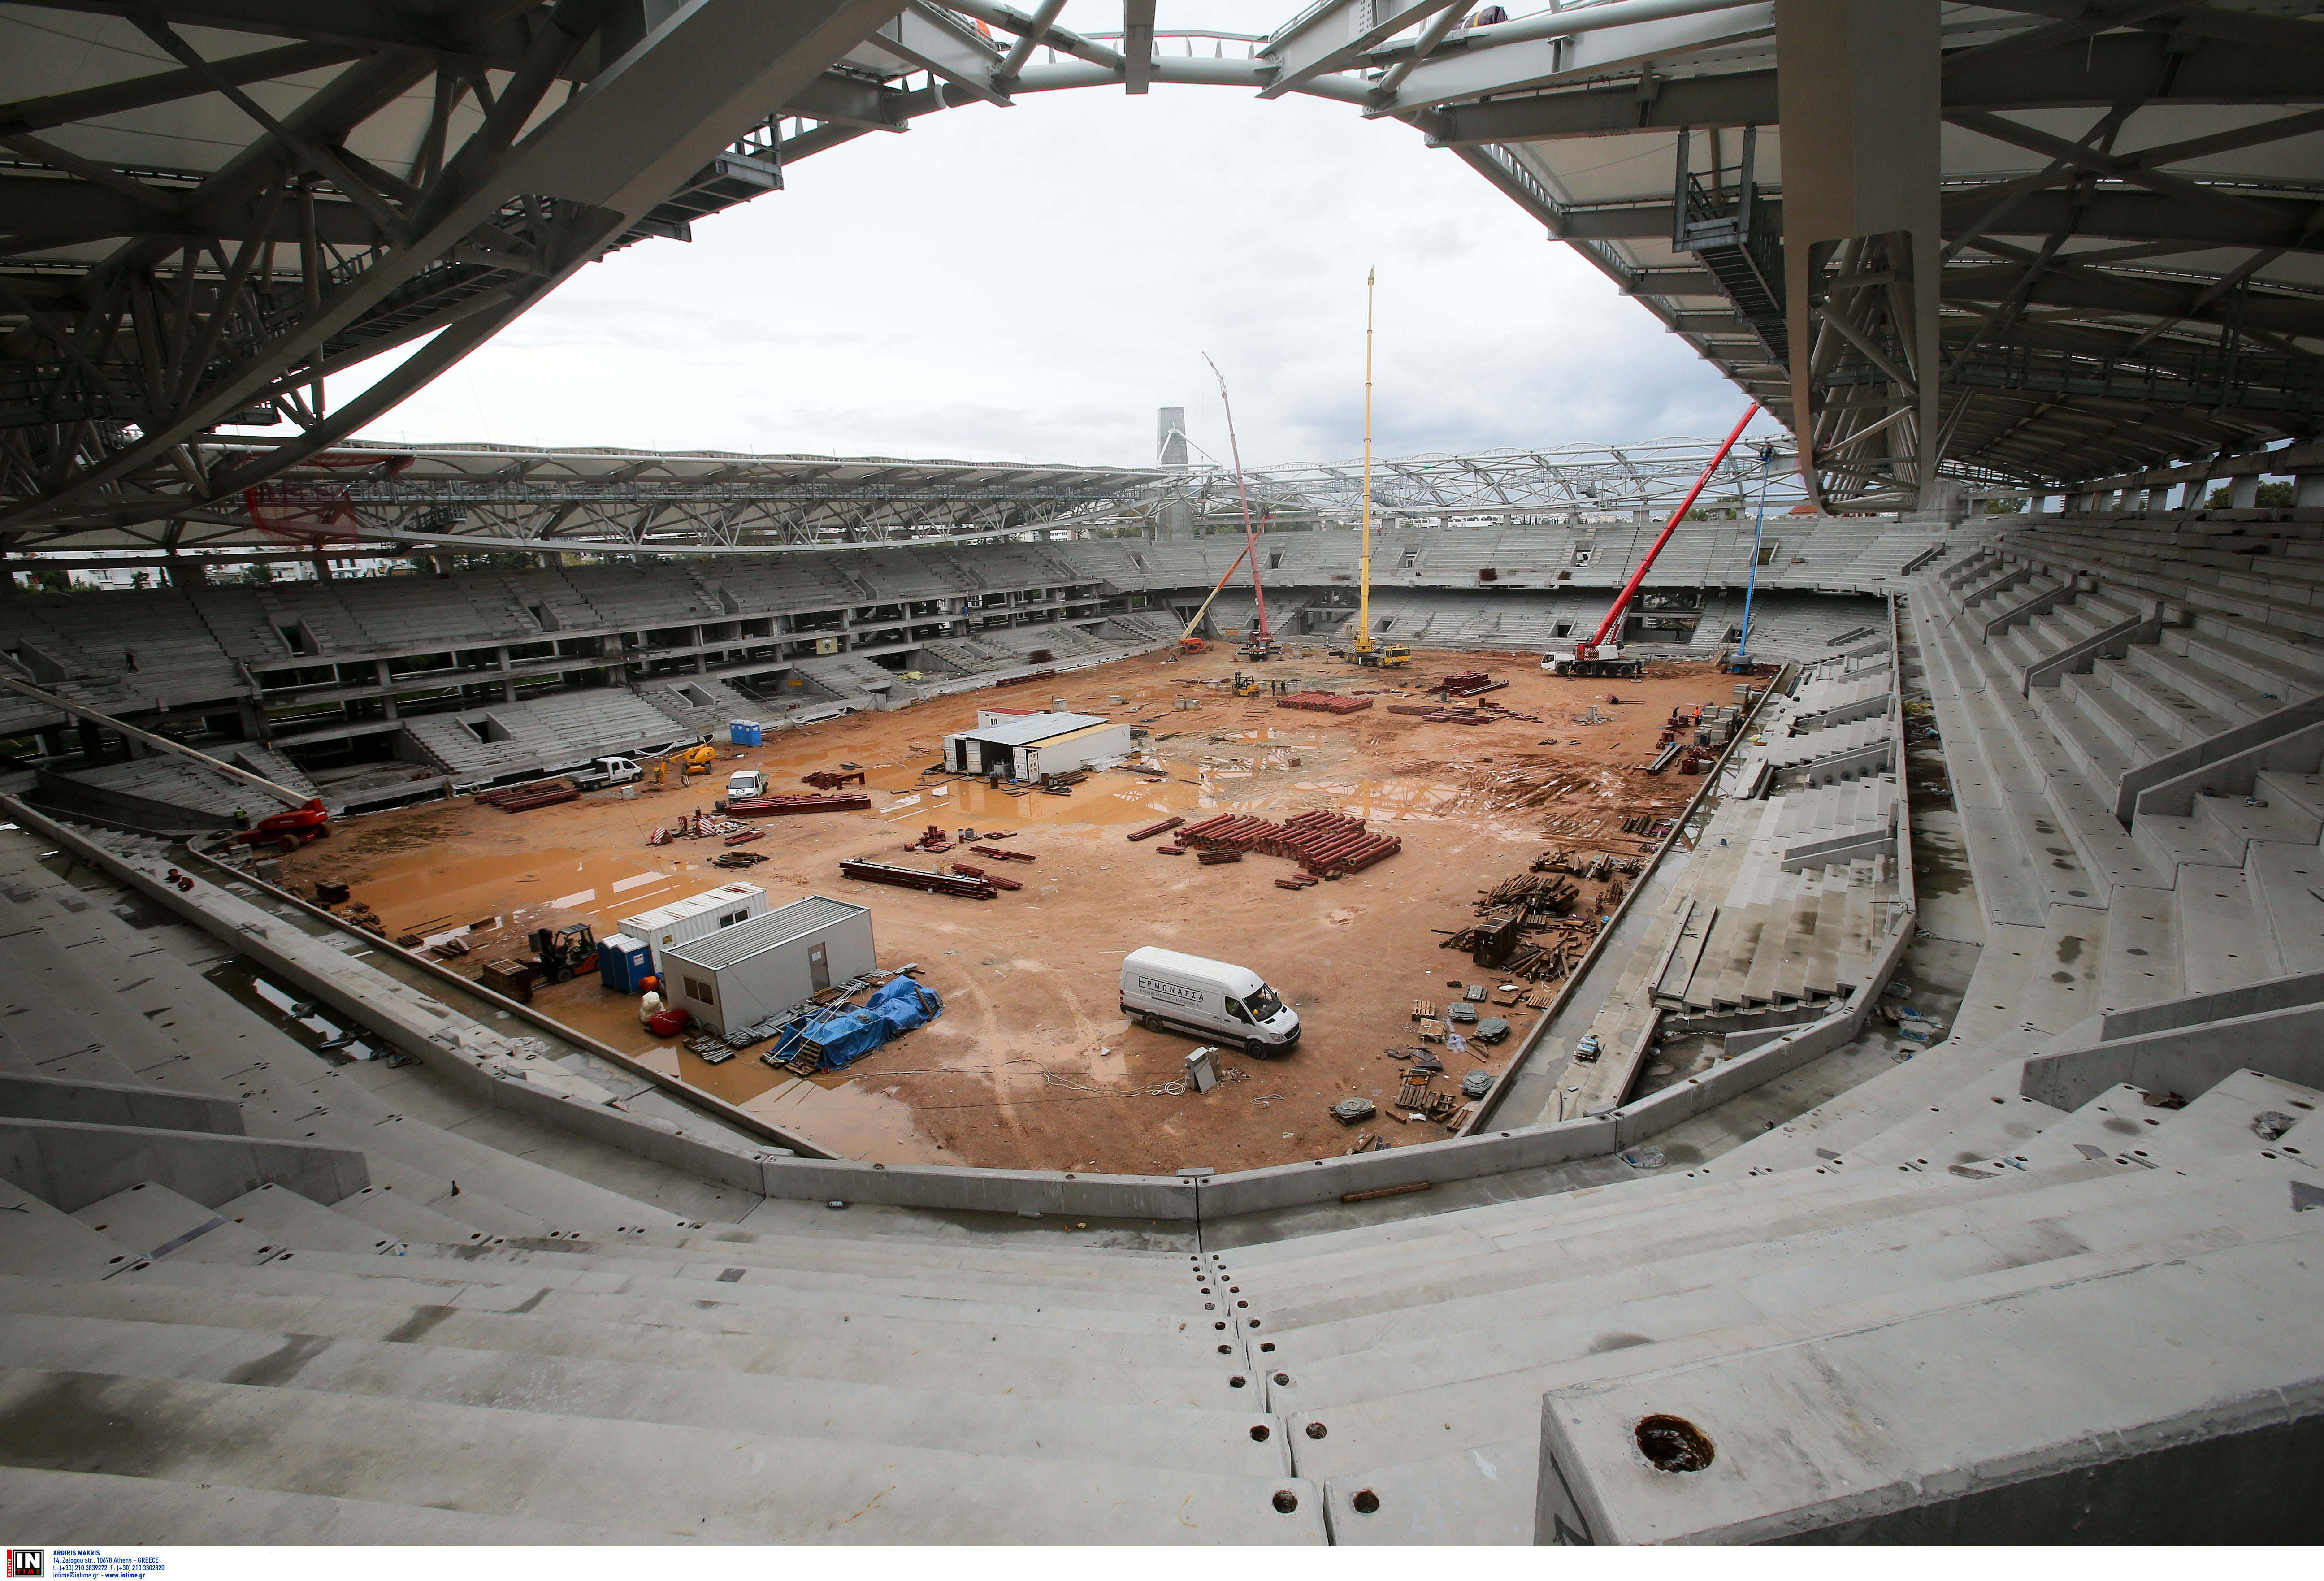 Πιο κοντά στην ολοκλήρωση το γήπεδο της ΑΕΚ – Εγκρίθηκε η ανάθεση για τις εσωτερικές εργασίες